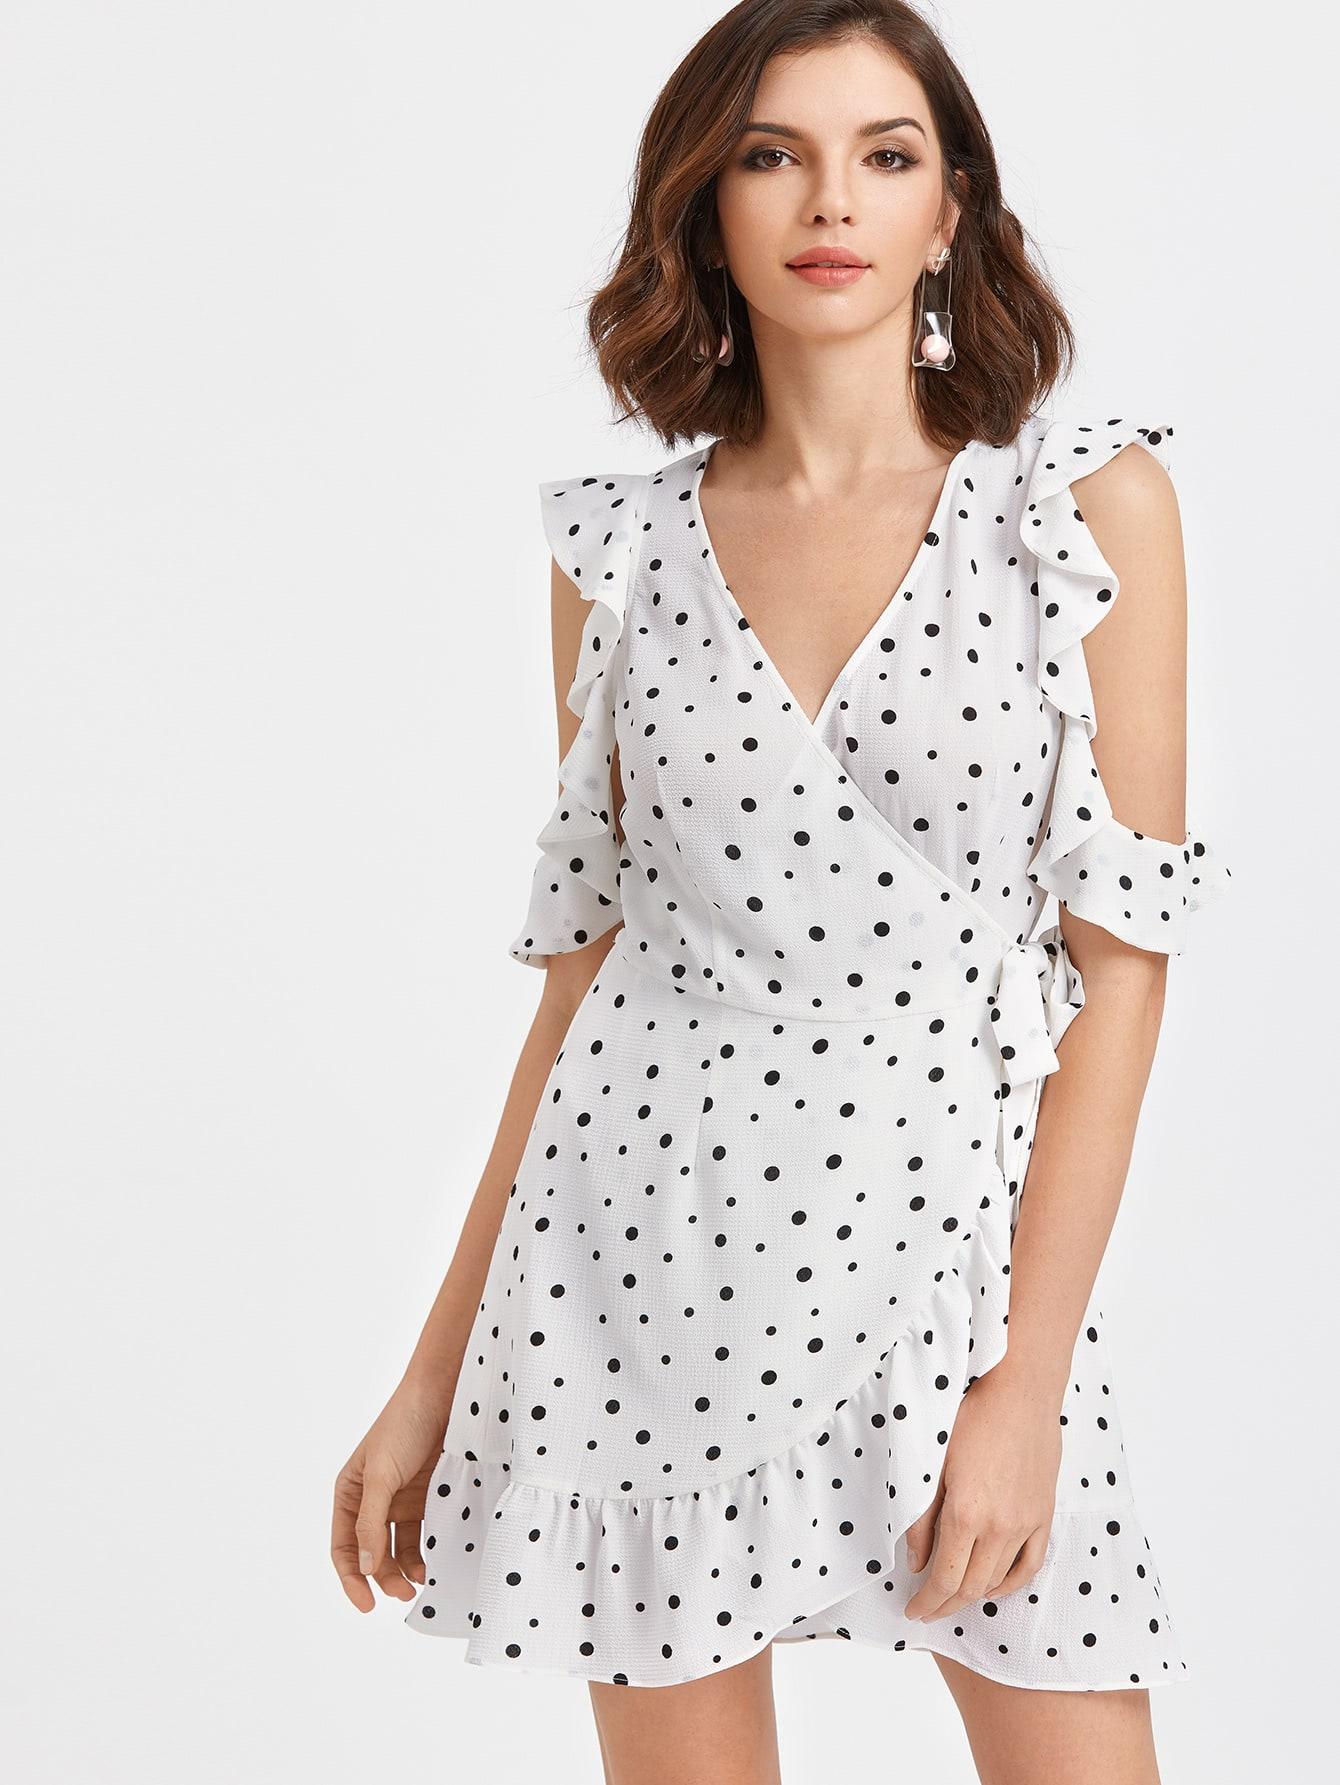 dress170323101_2